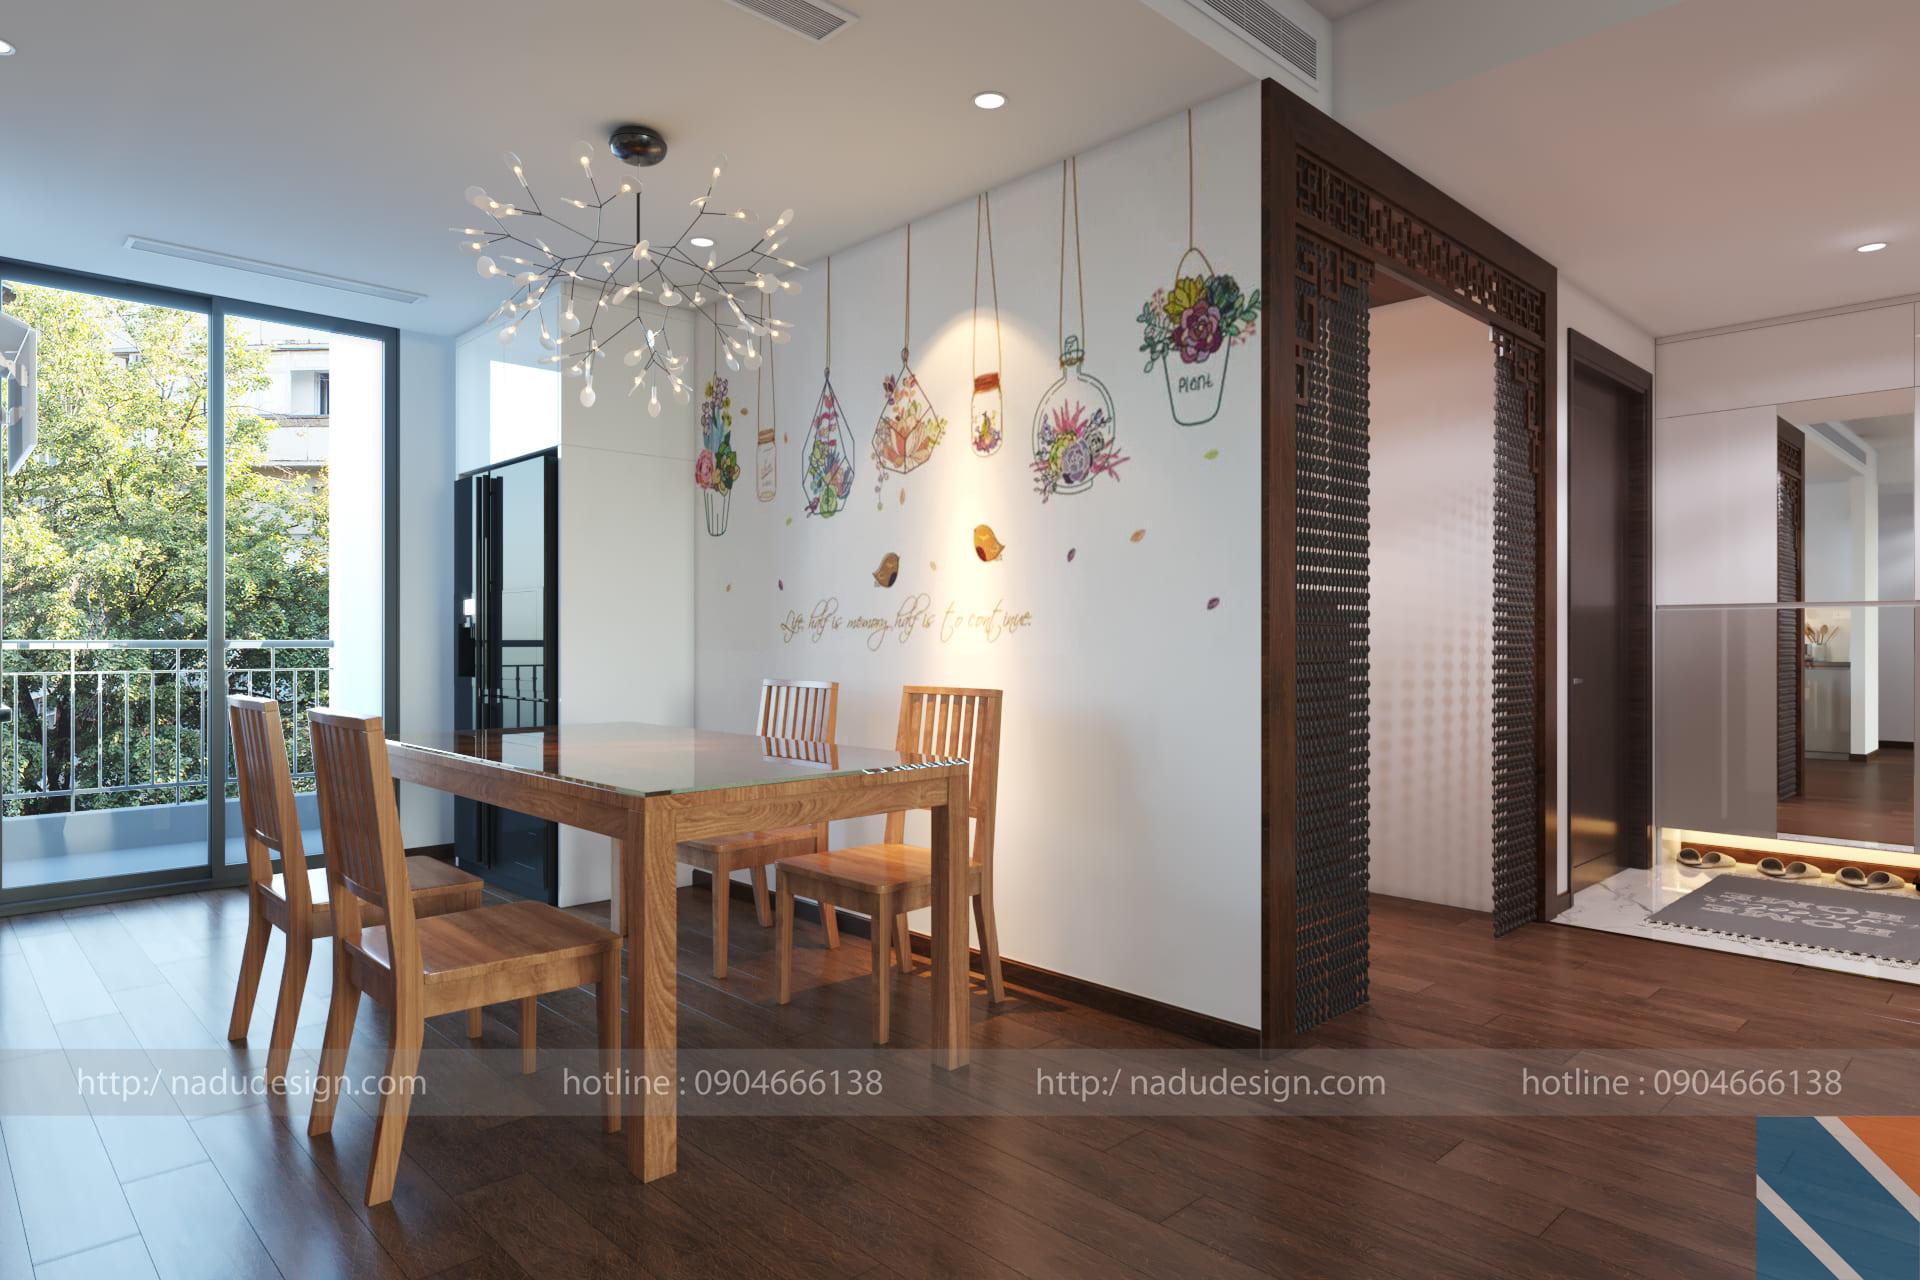 Thiết kế nội thất chung cư Cầu Giấy anh Đức